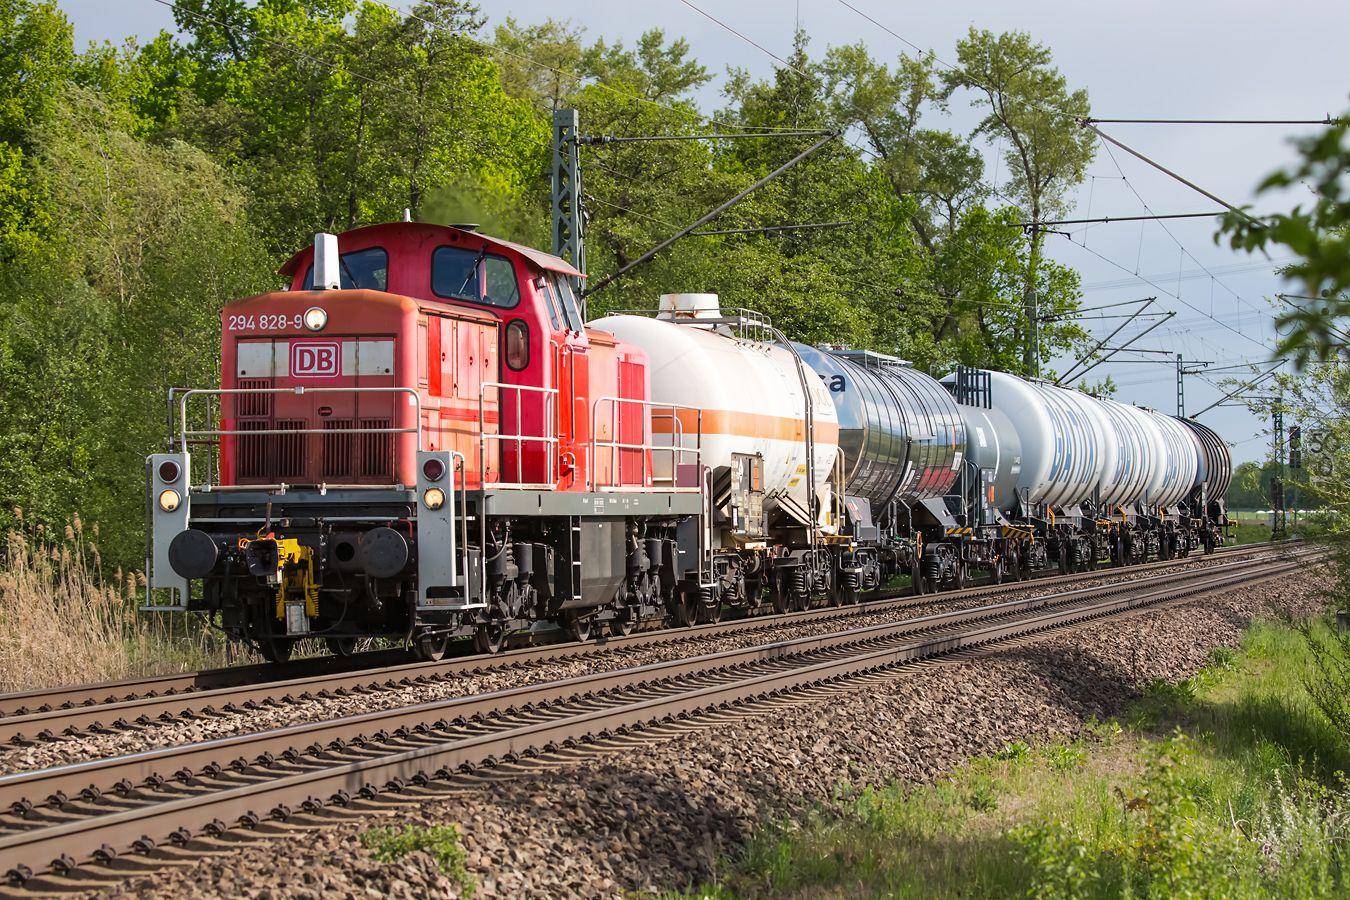 Поезд. Железная дорога поезд локомотив тепловоз